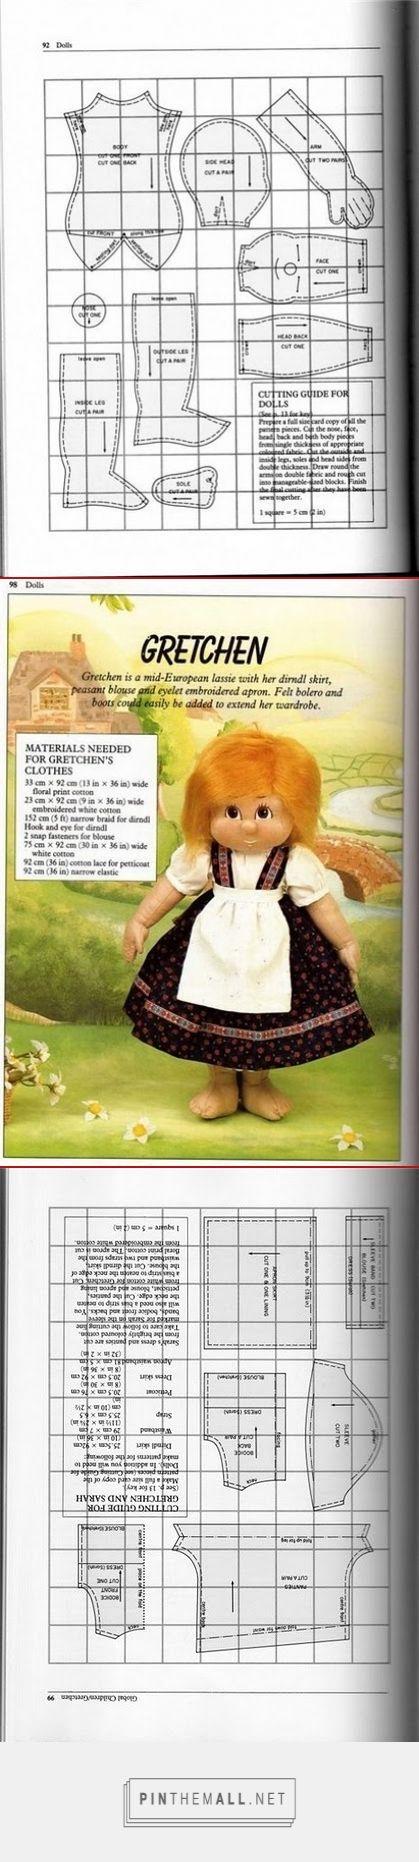 Еще куклы!!! / Мир игрушки / Разнообразные игрушки ручной работы - created via https://pinthemall.net